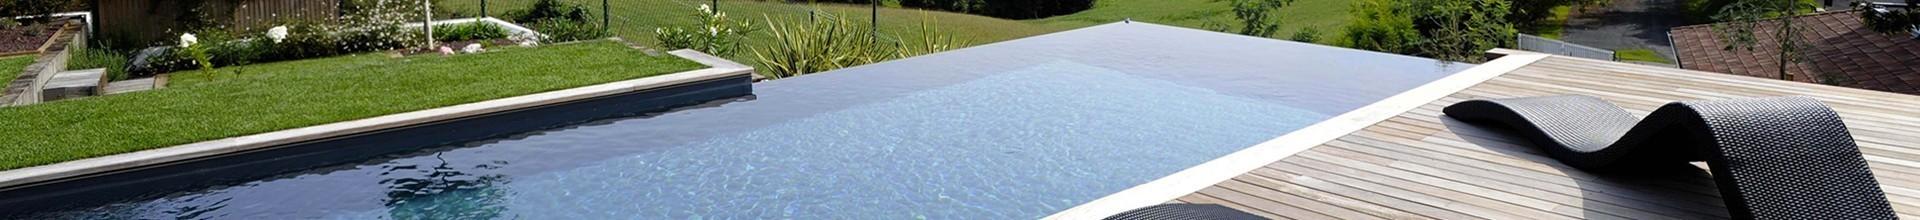 Bourgogne Fabricant d'une piscine révolutionnaire et innovante